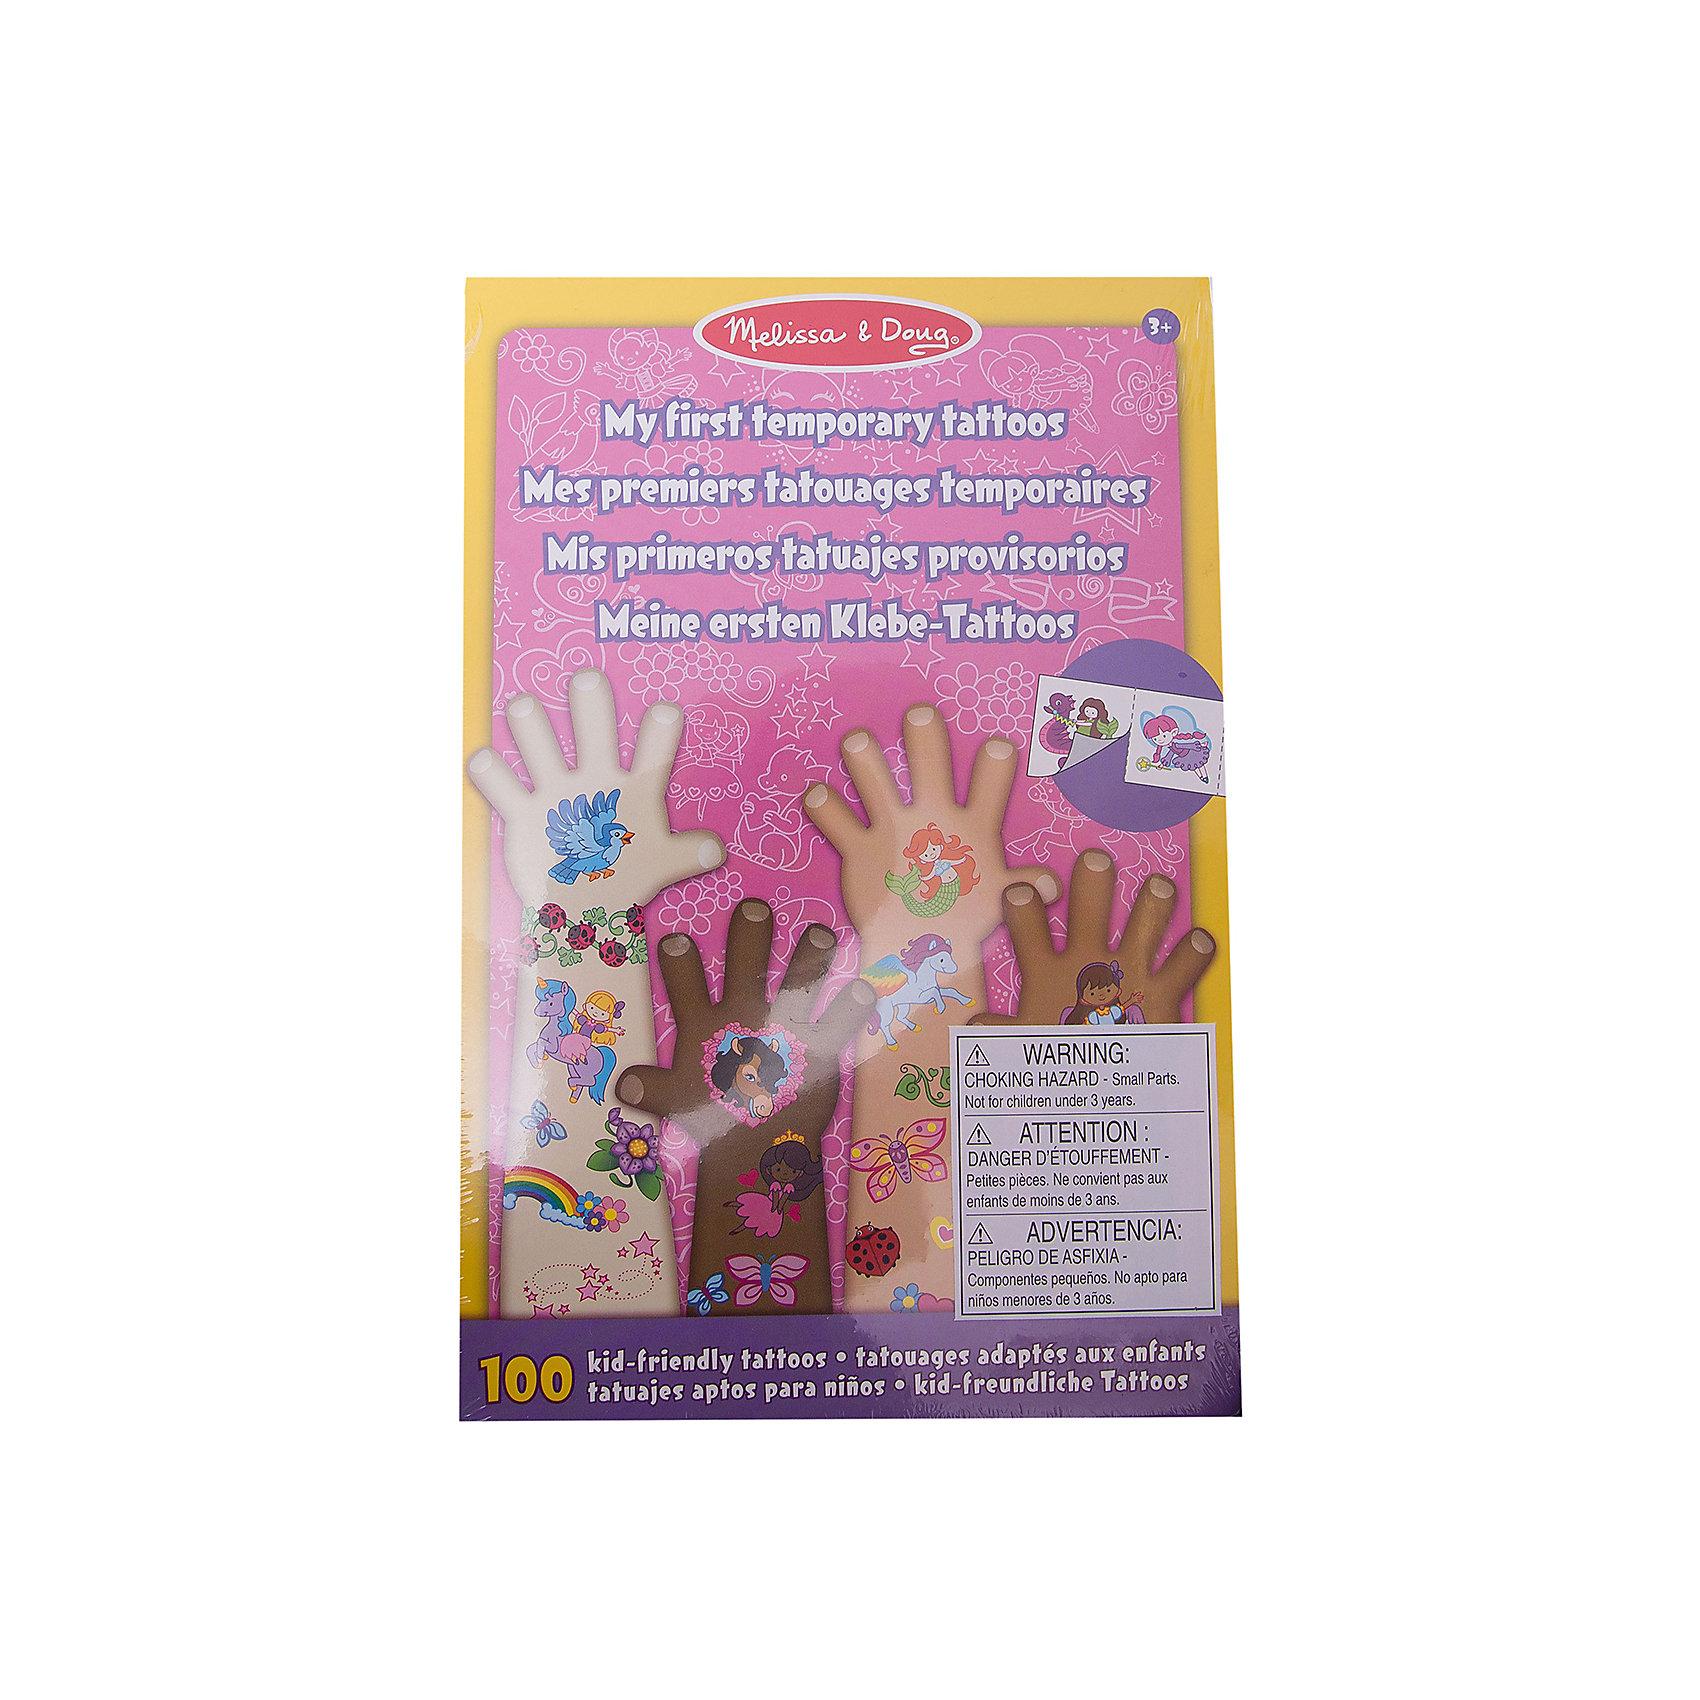 Набор временных тату (розовый), Melissa &amp; DougВ Набор временных тату (розовый), Melissa &amp; Doug (Мелисса и Даг) входит более 100 красочных наклеек для маленьких модниц. Здесь есть сердечки, принцессы, бабочки, феи, пони, цветы и многое другое. Детские временные татуировки из данного набора абсолютно безопасны для детской кожи, легко наносятся на тело и удаляются при помощи воды.<br><br>Дополнительная информация:<br>-Размер упаковки: 23x15 см<br>-Материал: дерево, прессованный картон, ПВХ<br><br>Яркие наклейки из набора временных тату создадут новый образ Вашей малышки, и она несомненно оценит такой подарок!<br><br>Набор временных тату (розовый), Melissa &amp; Doug (Мелисса и Даг) можно купить в нашем магазине.<br><br>Ширина мм: 150<br>Глубина мм: 150<br>Высота мм: 230<br>Вес г: 340<br>Возраст от месяцев: 36<br>Возраст до месяцев: 180<br>Пол: Унисекс<br>Возраст: Детский<br>SKU: 4008262